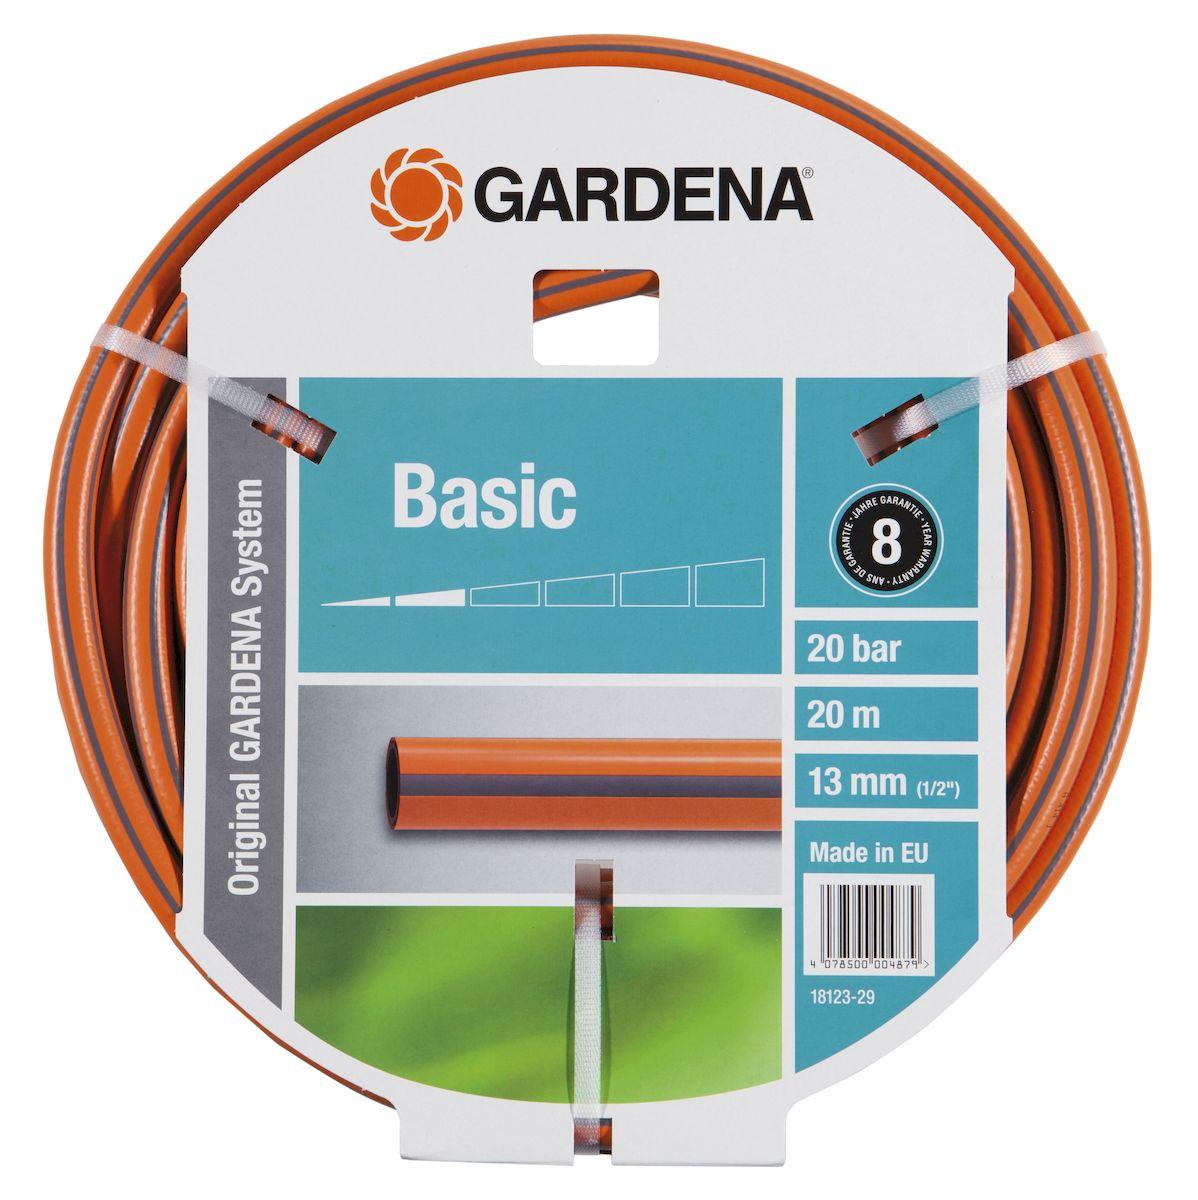 Шланг Gardena Basic, армированный, диаметр 13 мм, длина 20 м96515412Садовый шланг Gardena Basic, выполненный из ПВХ, прекрасно сохраняет свою форму благодаря высококачественному текстильному армированию. В шланге отсутствуют фталаты и тяжелые металлы, а устойчивость к УФ-излучению позволяет хранить шланг на улице. Идеально подходит для умеренной интенсивности использования. Диаметр: 3 мм.Длина: 20 м.Maксимальное давление: 20 бар.